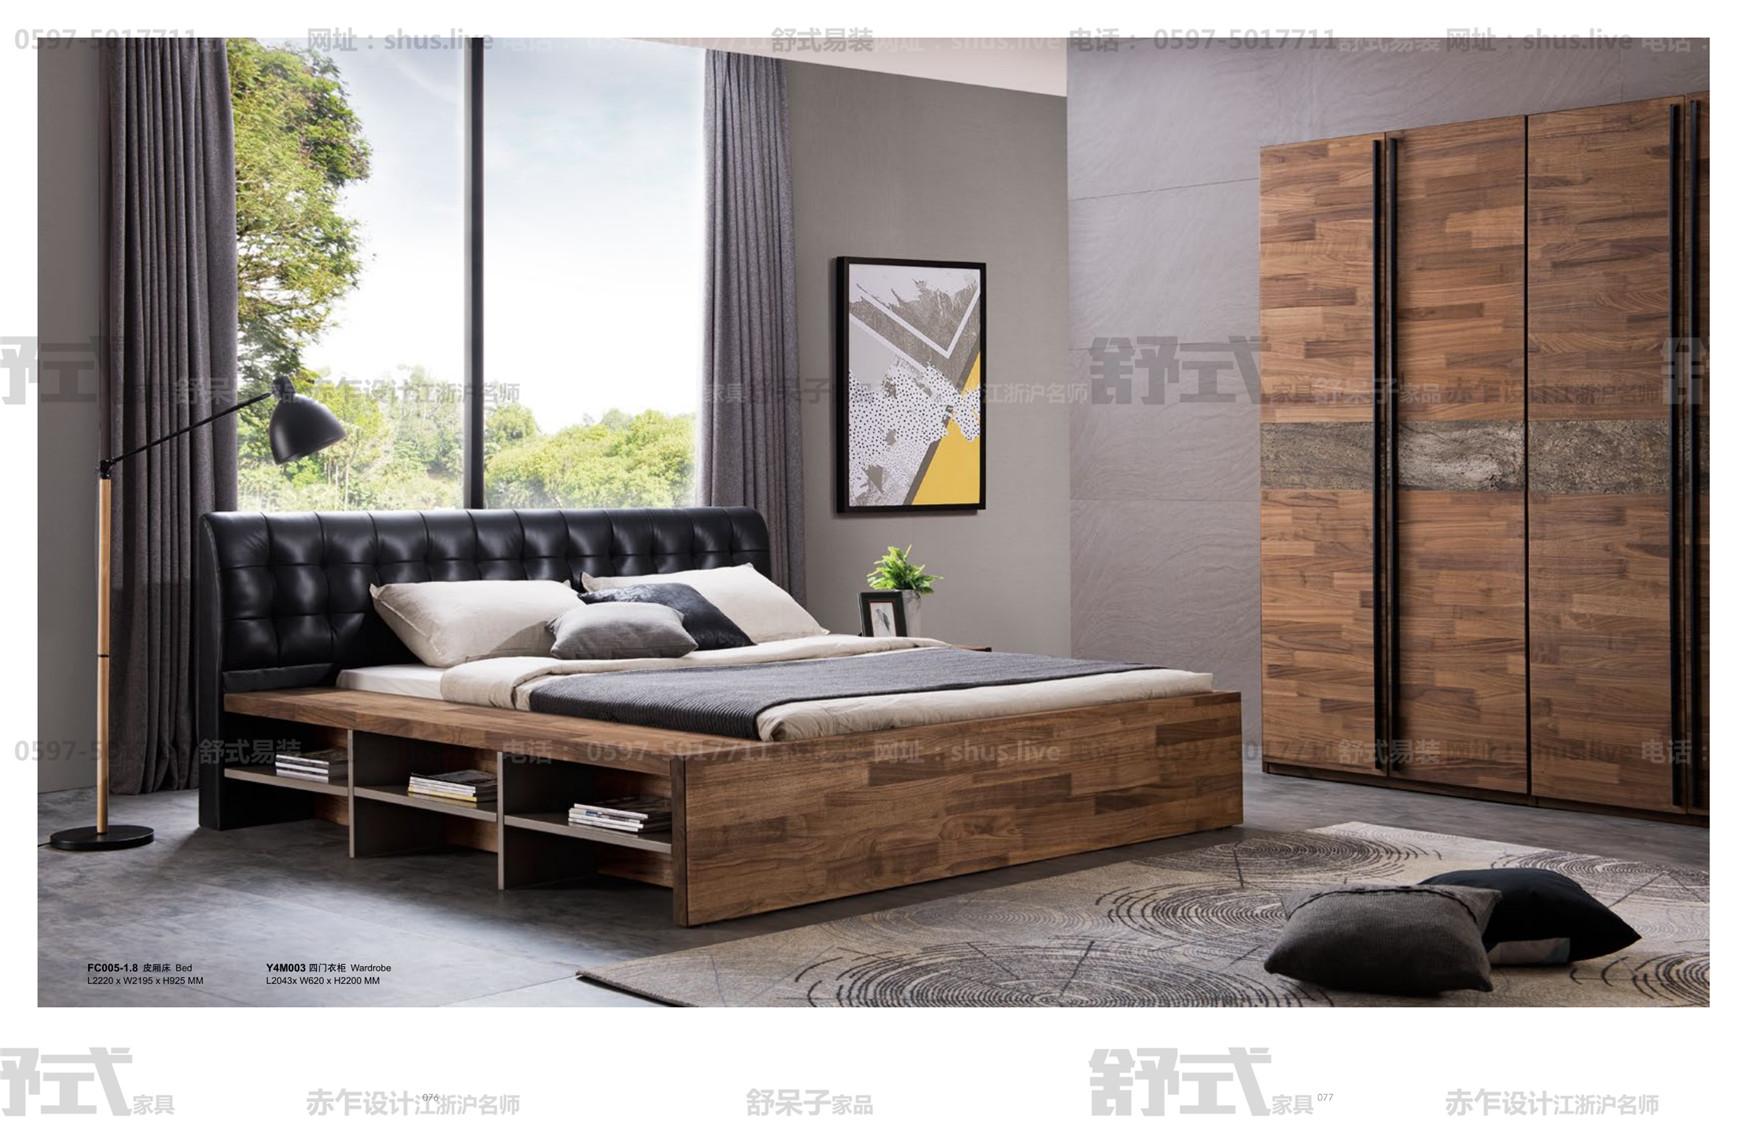 中式轻奢-床/床头柜/衣柜/书桌/书柜/休闲椅-阅BF